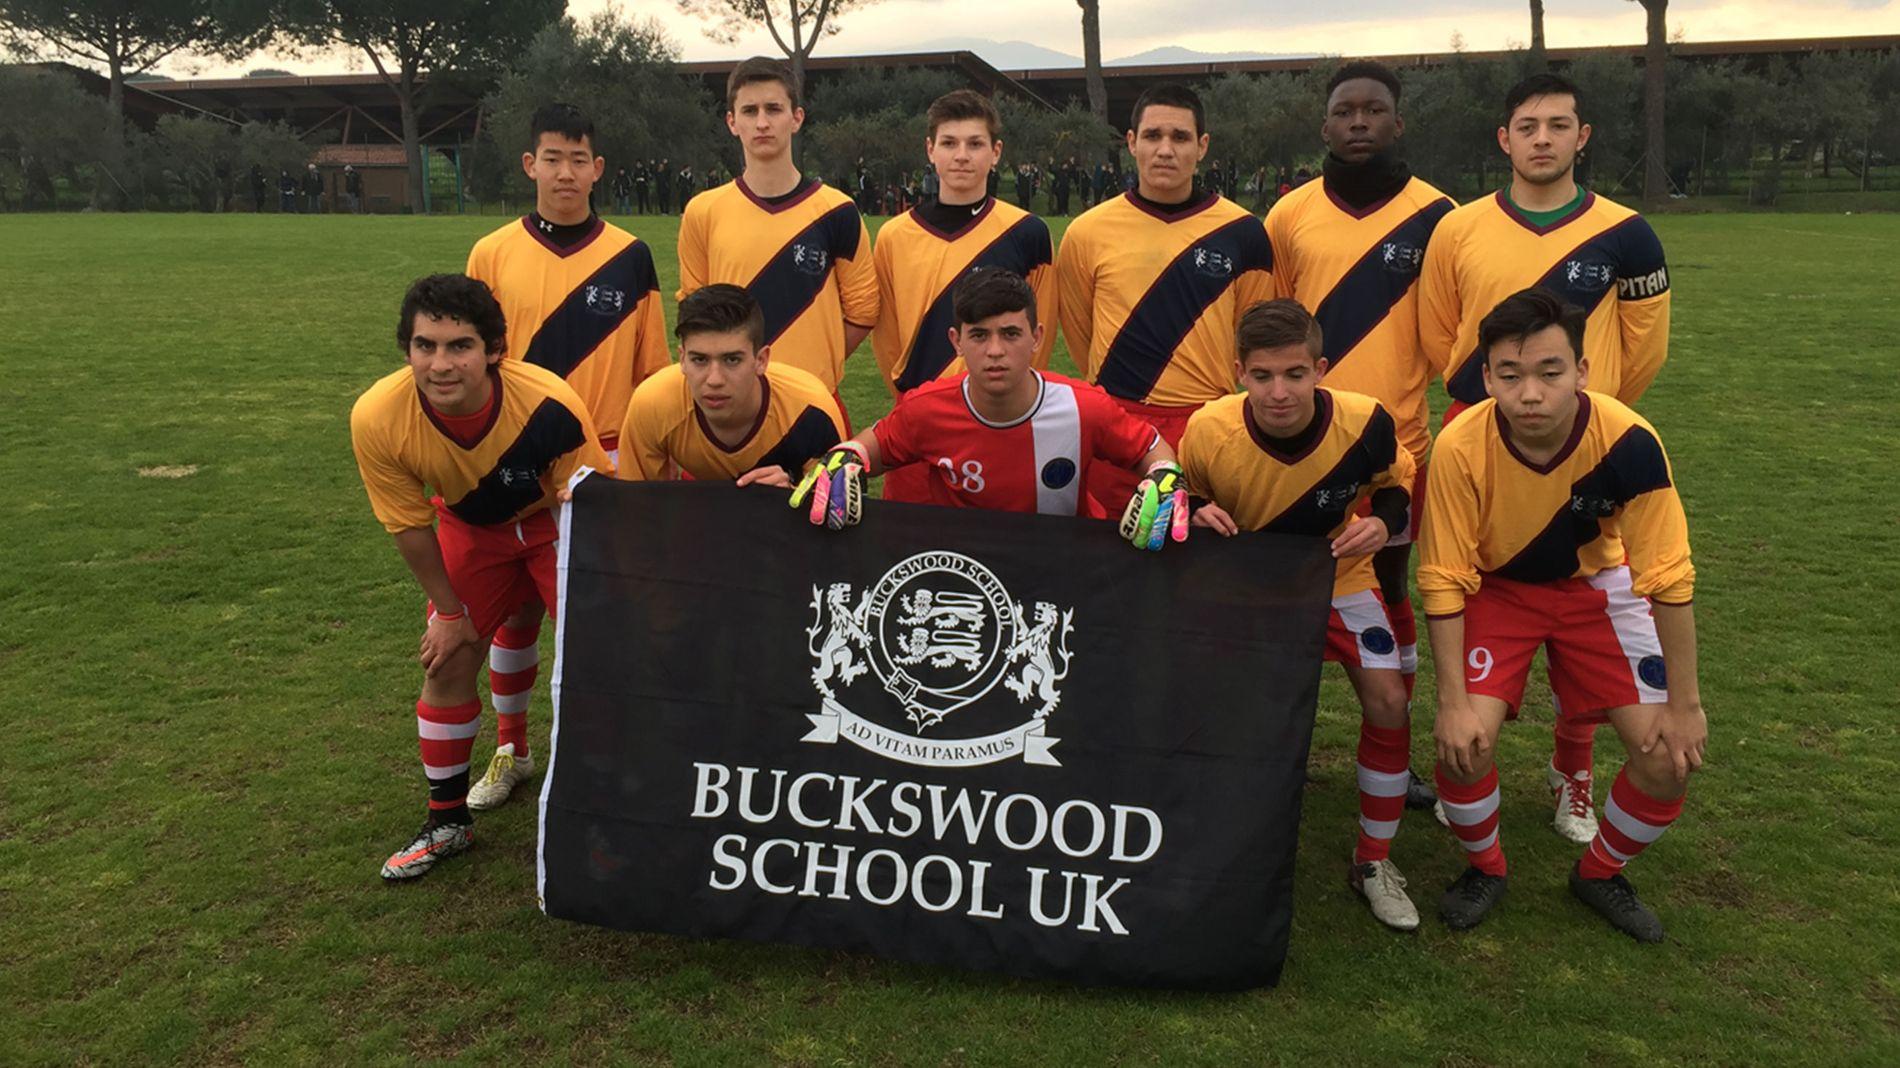 buckswood-school-galerie-sportmannschaft